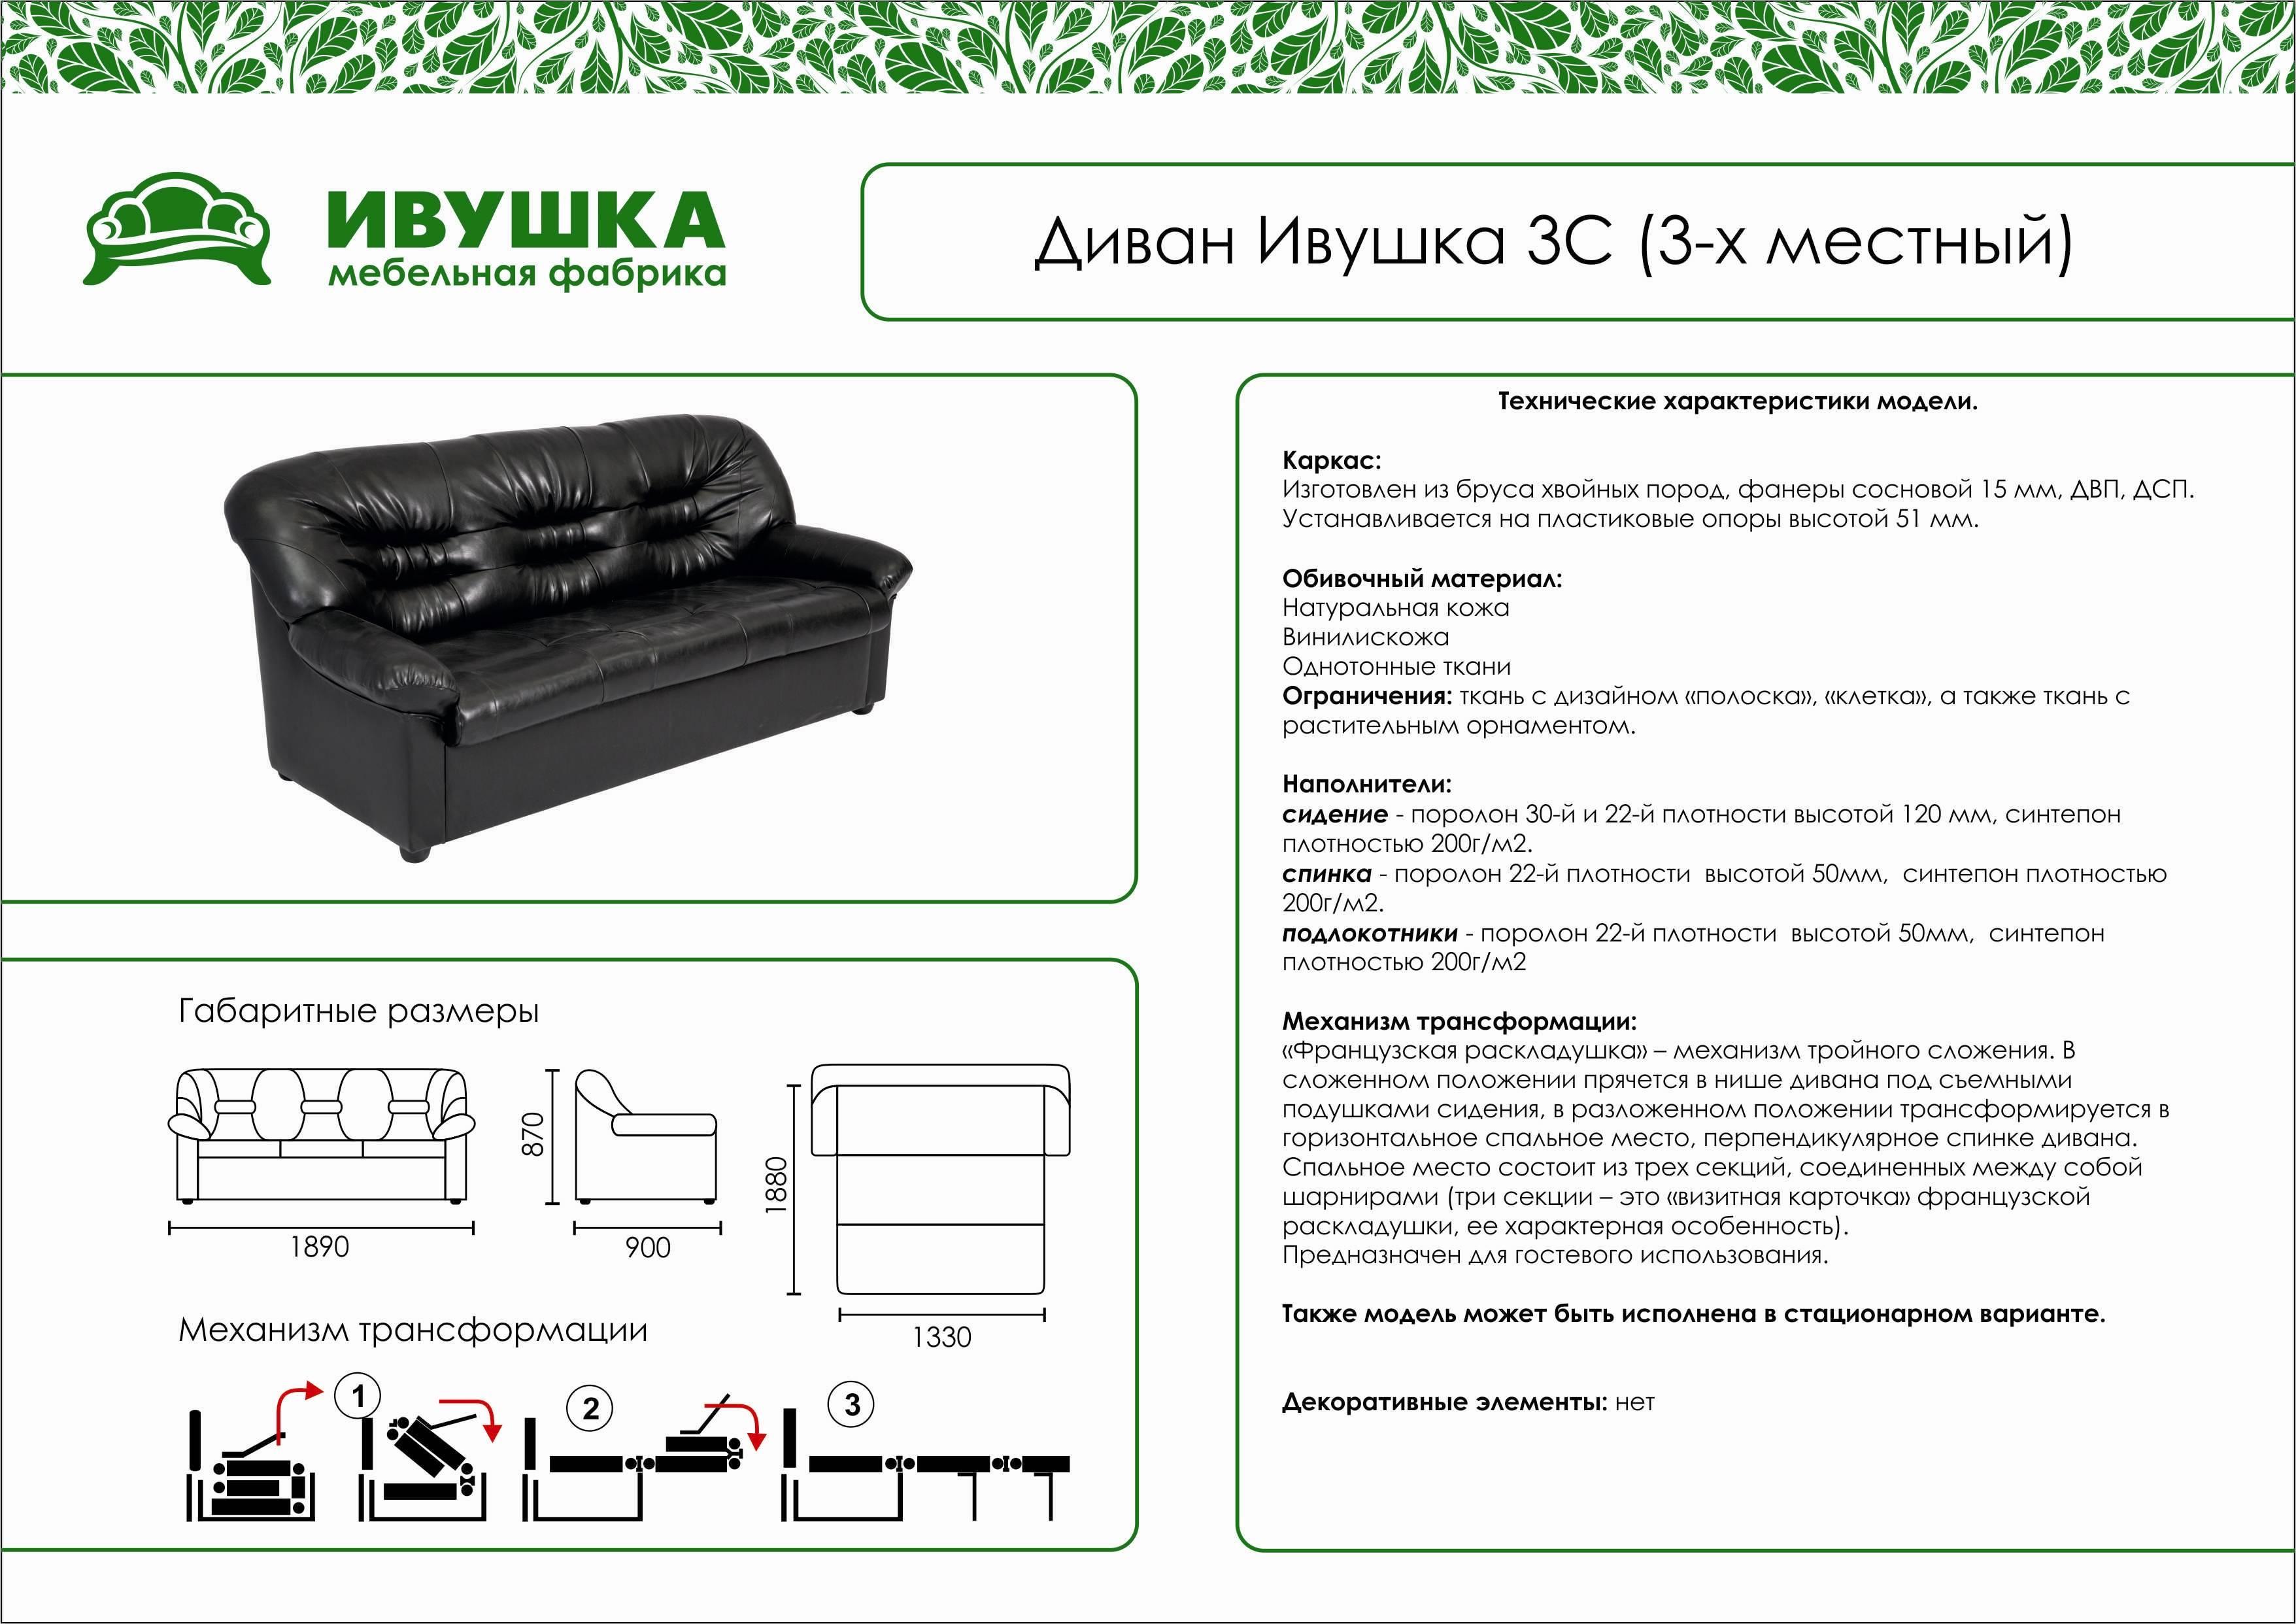 диван-кровать с ортопедическим матрасом купить в сургуте